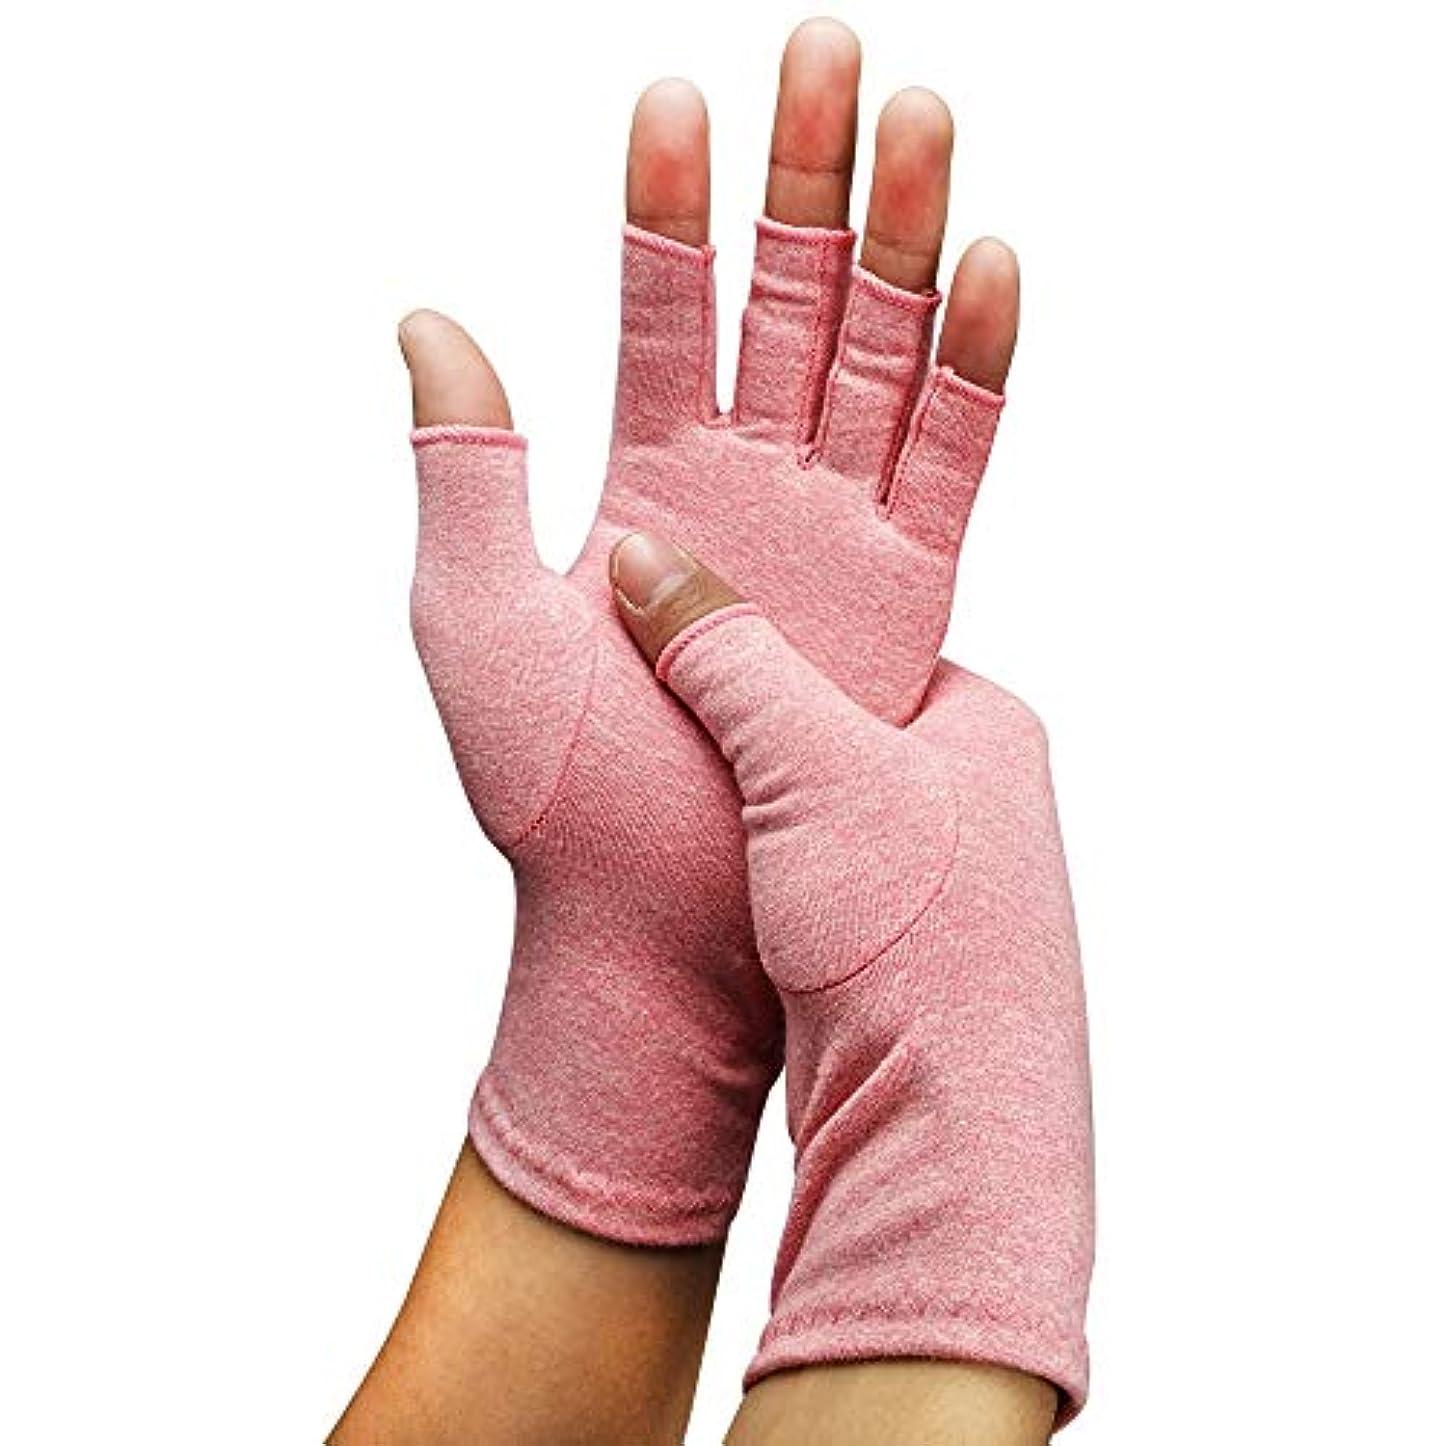 アンカー湿気の多いライバルグリップと関節炎の手袋 - 男性と女性の指なし圧縮 - リウマチと変形性関節症のための開いた指の手袋 - 関節炎の関節痛の軽減